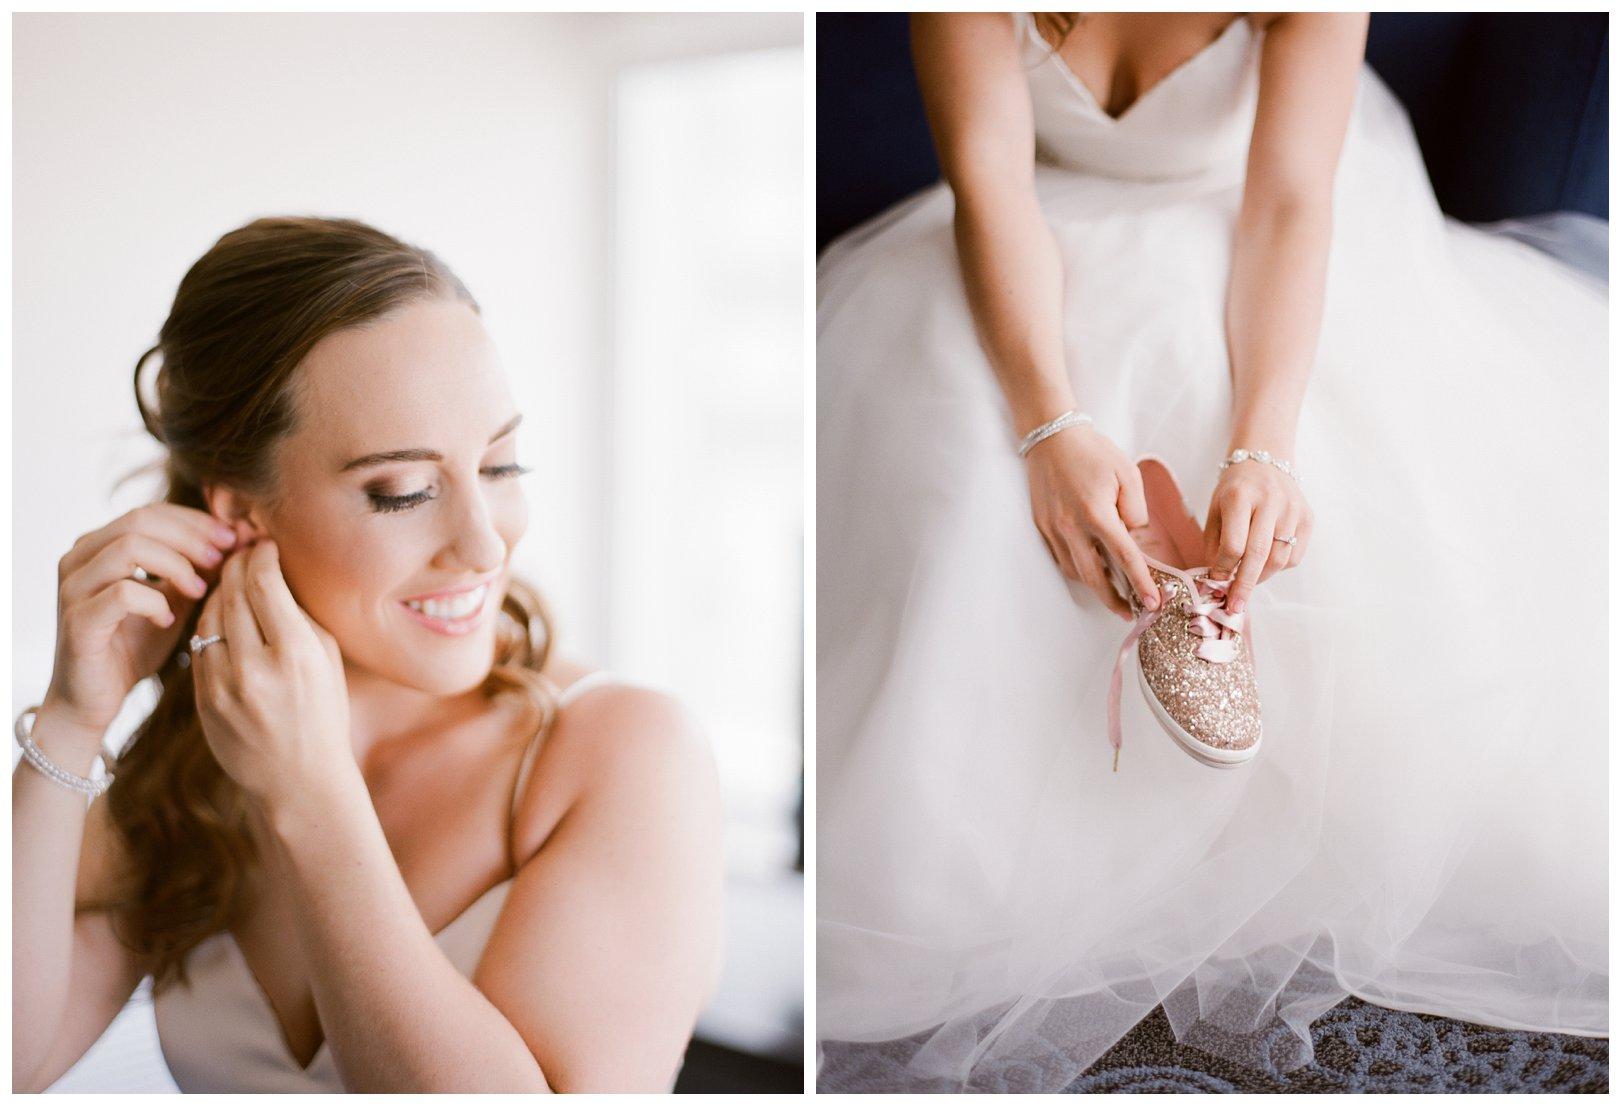 lauren muckler photography_fine art film wedding photography_st louis_photography_1088.jpg